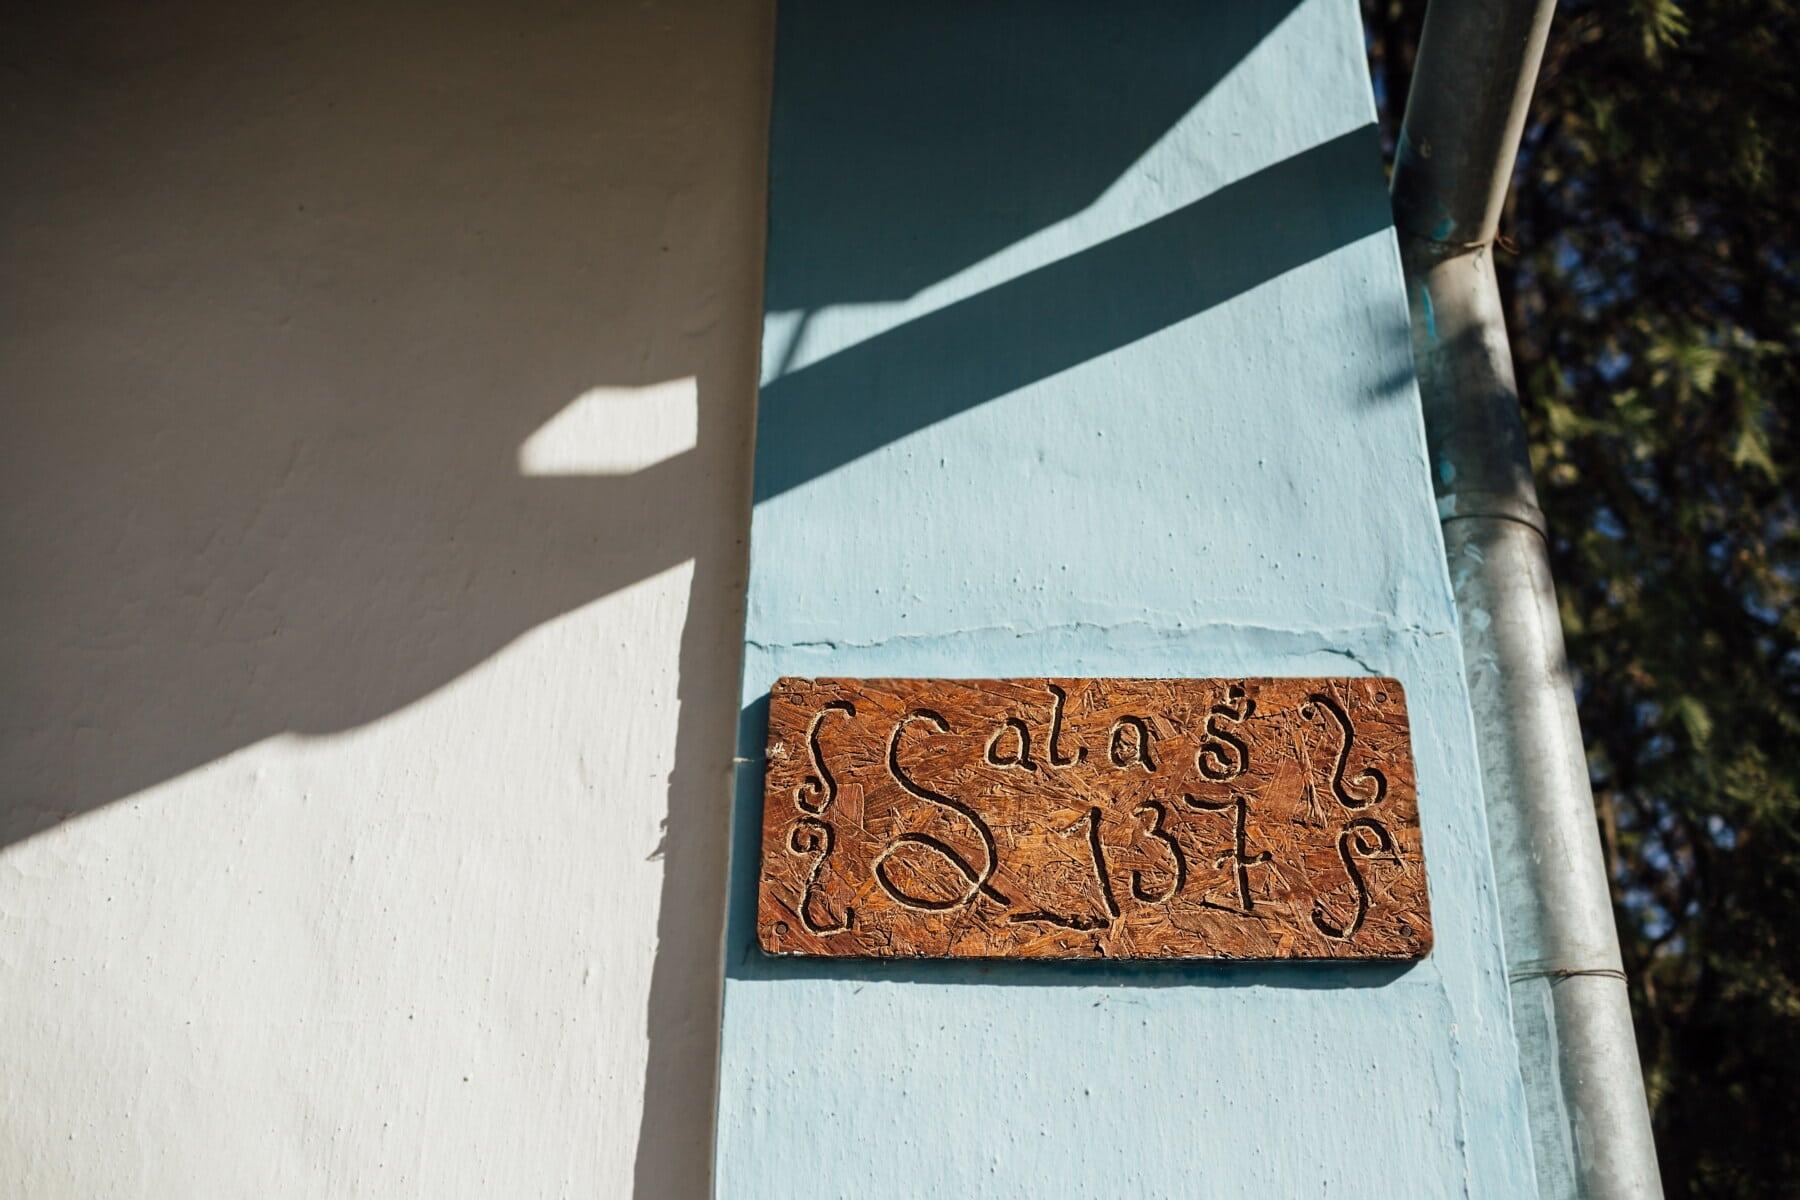 village, maison, signe, Wedge, nombre, mur, Grunge, style ancien, vieux, à l'extérieur